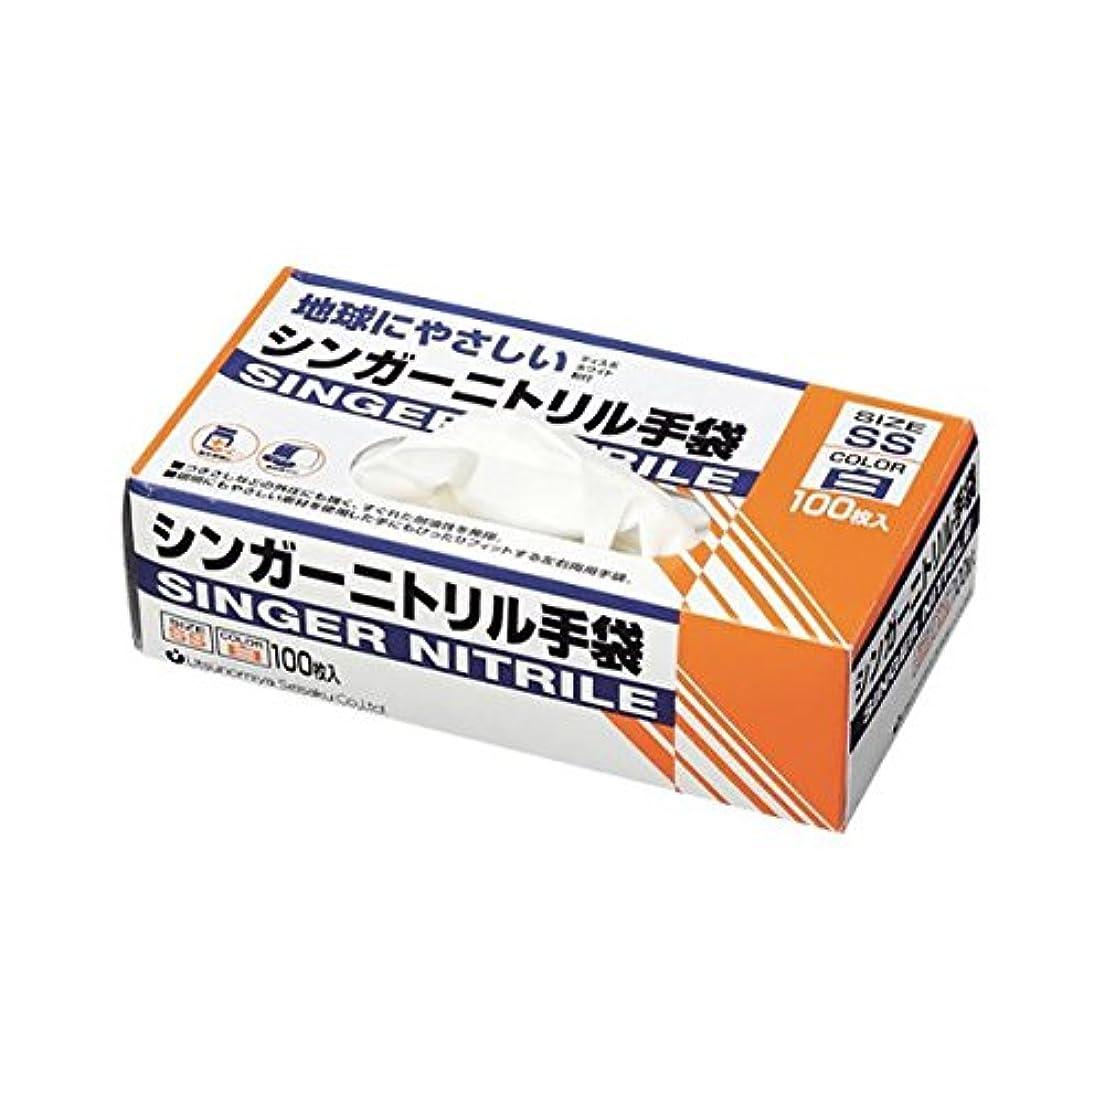 落ち着いて道を作る洗う宇都宮製作 シンガーニトリルディスポNo.100粉付き シンガーニトリル100SS 白 100枚入 ×2セット